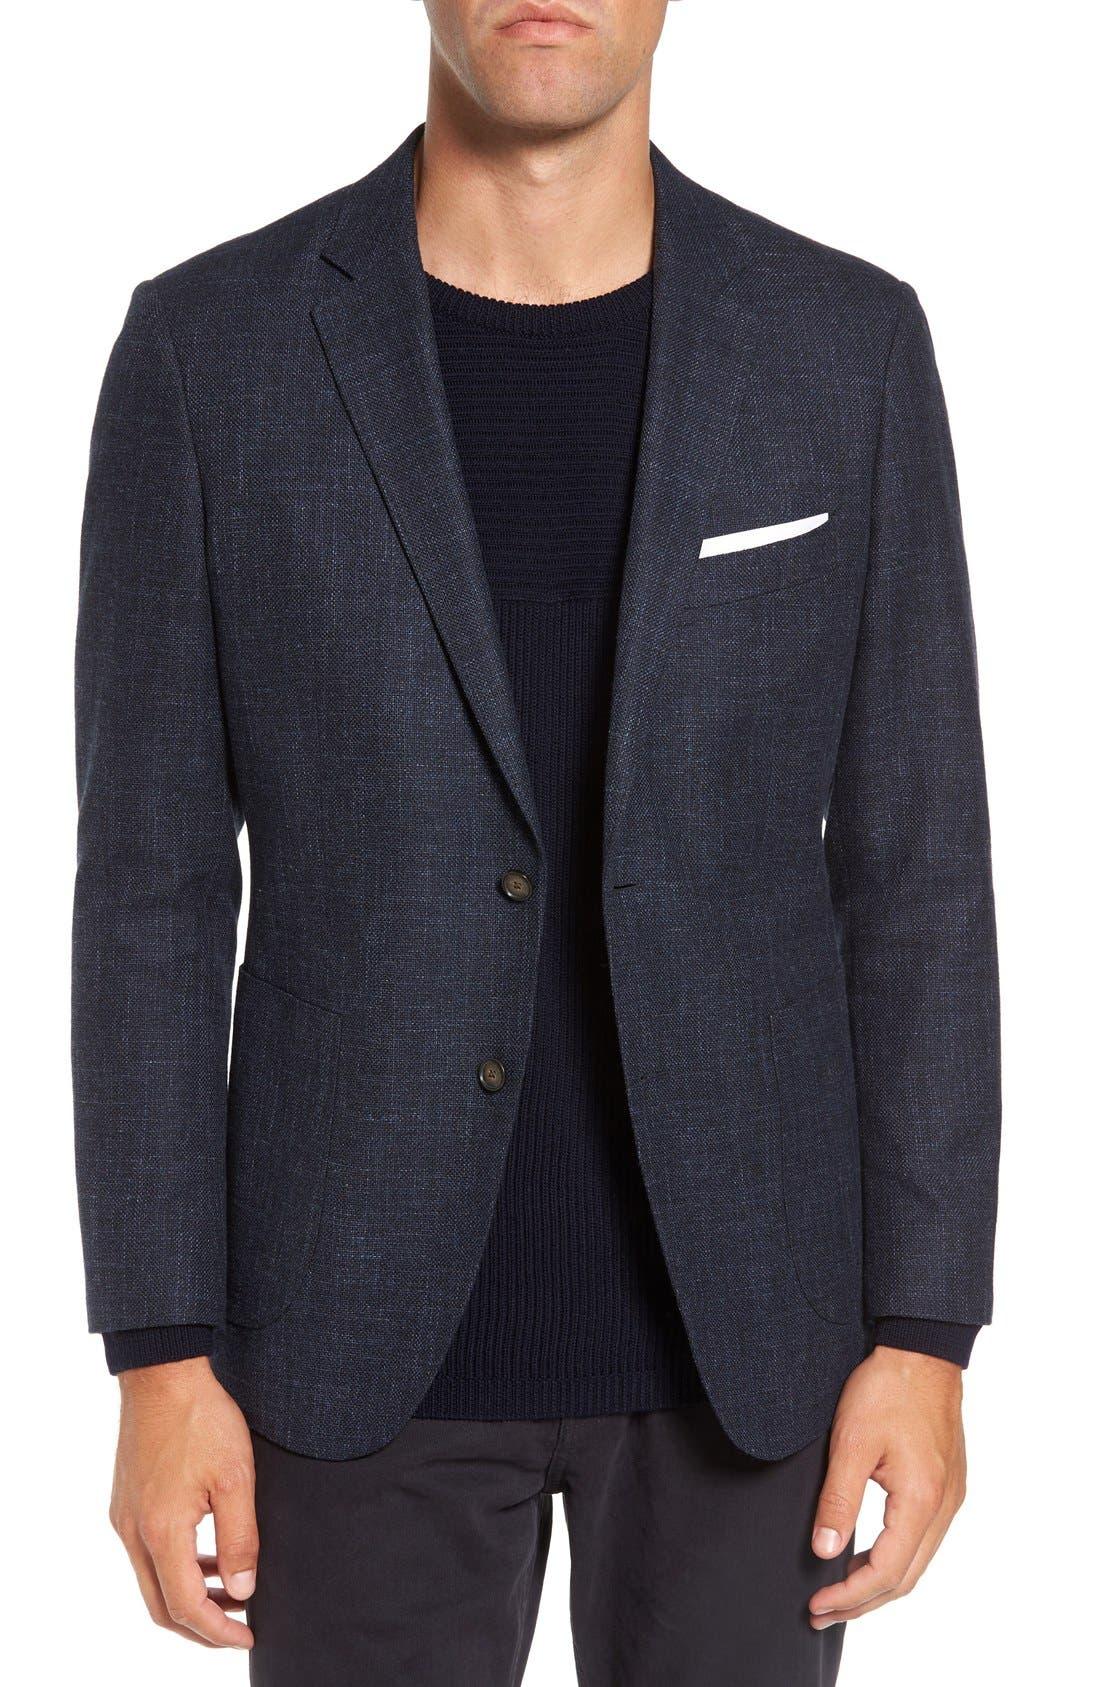 RODD & GUNN Heaton Sports Fit Cotton & Wool Sport Coat